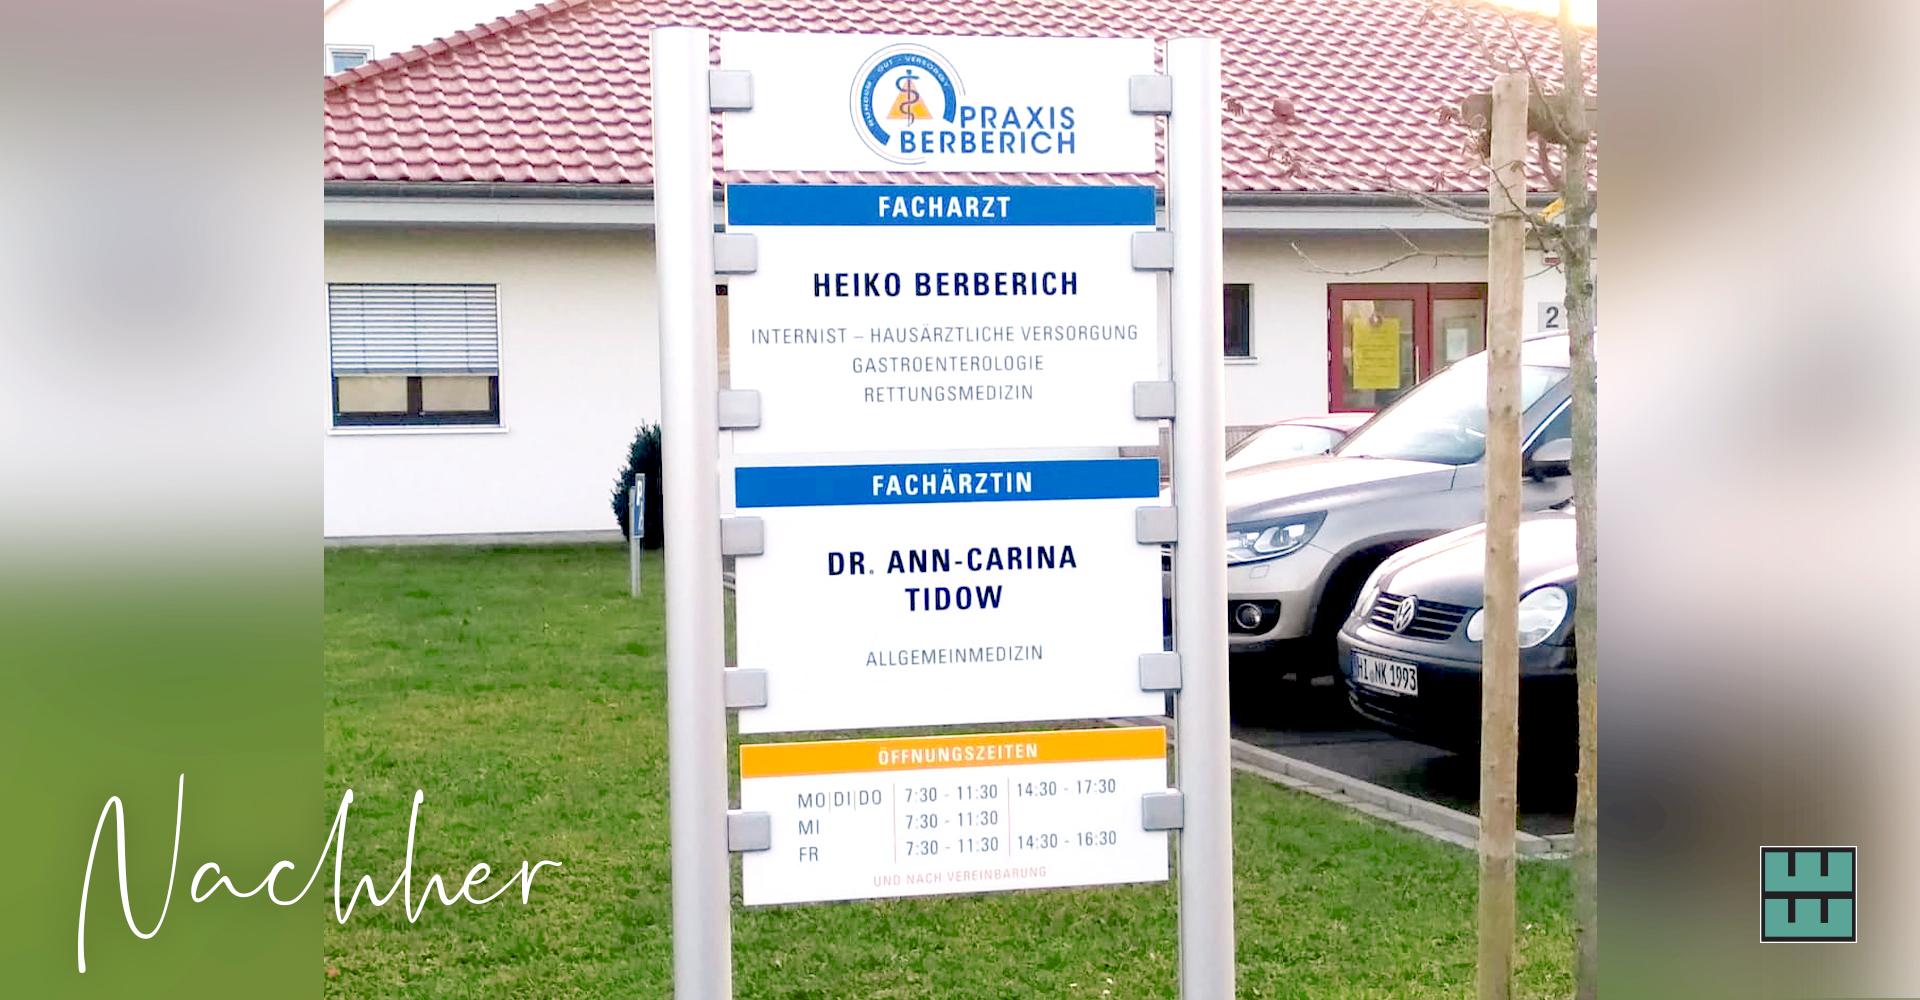 Für die Praxis Berberich aus Gronau haben wir vor kurzem ein neues Schild nicht nur gestaltet, sondern auch bedruckt und montiert.